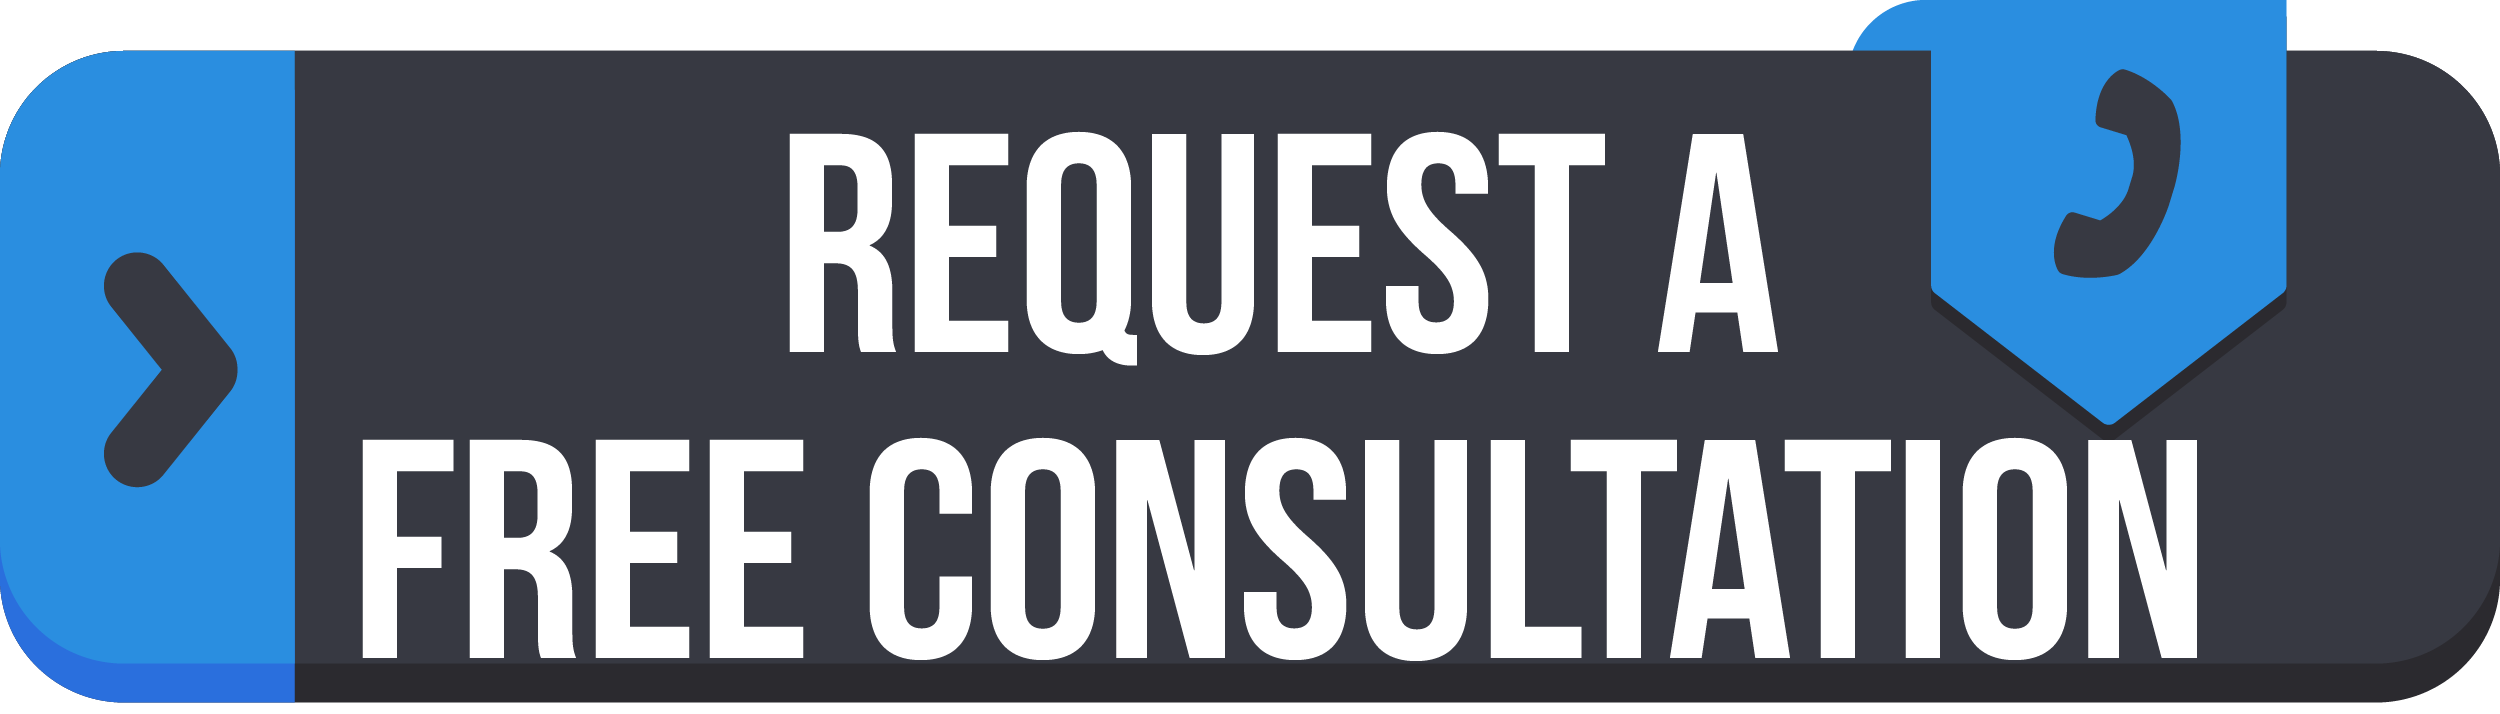 request-free-consultation-kotiadis-consulting